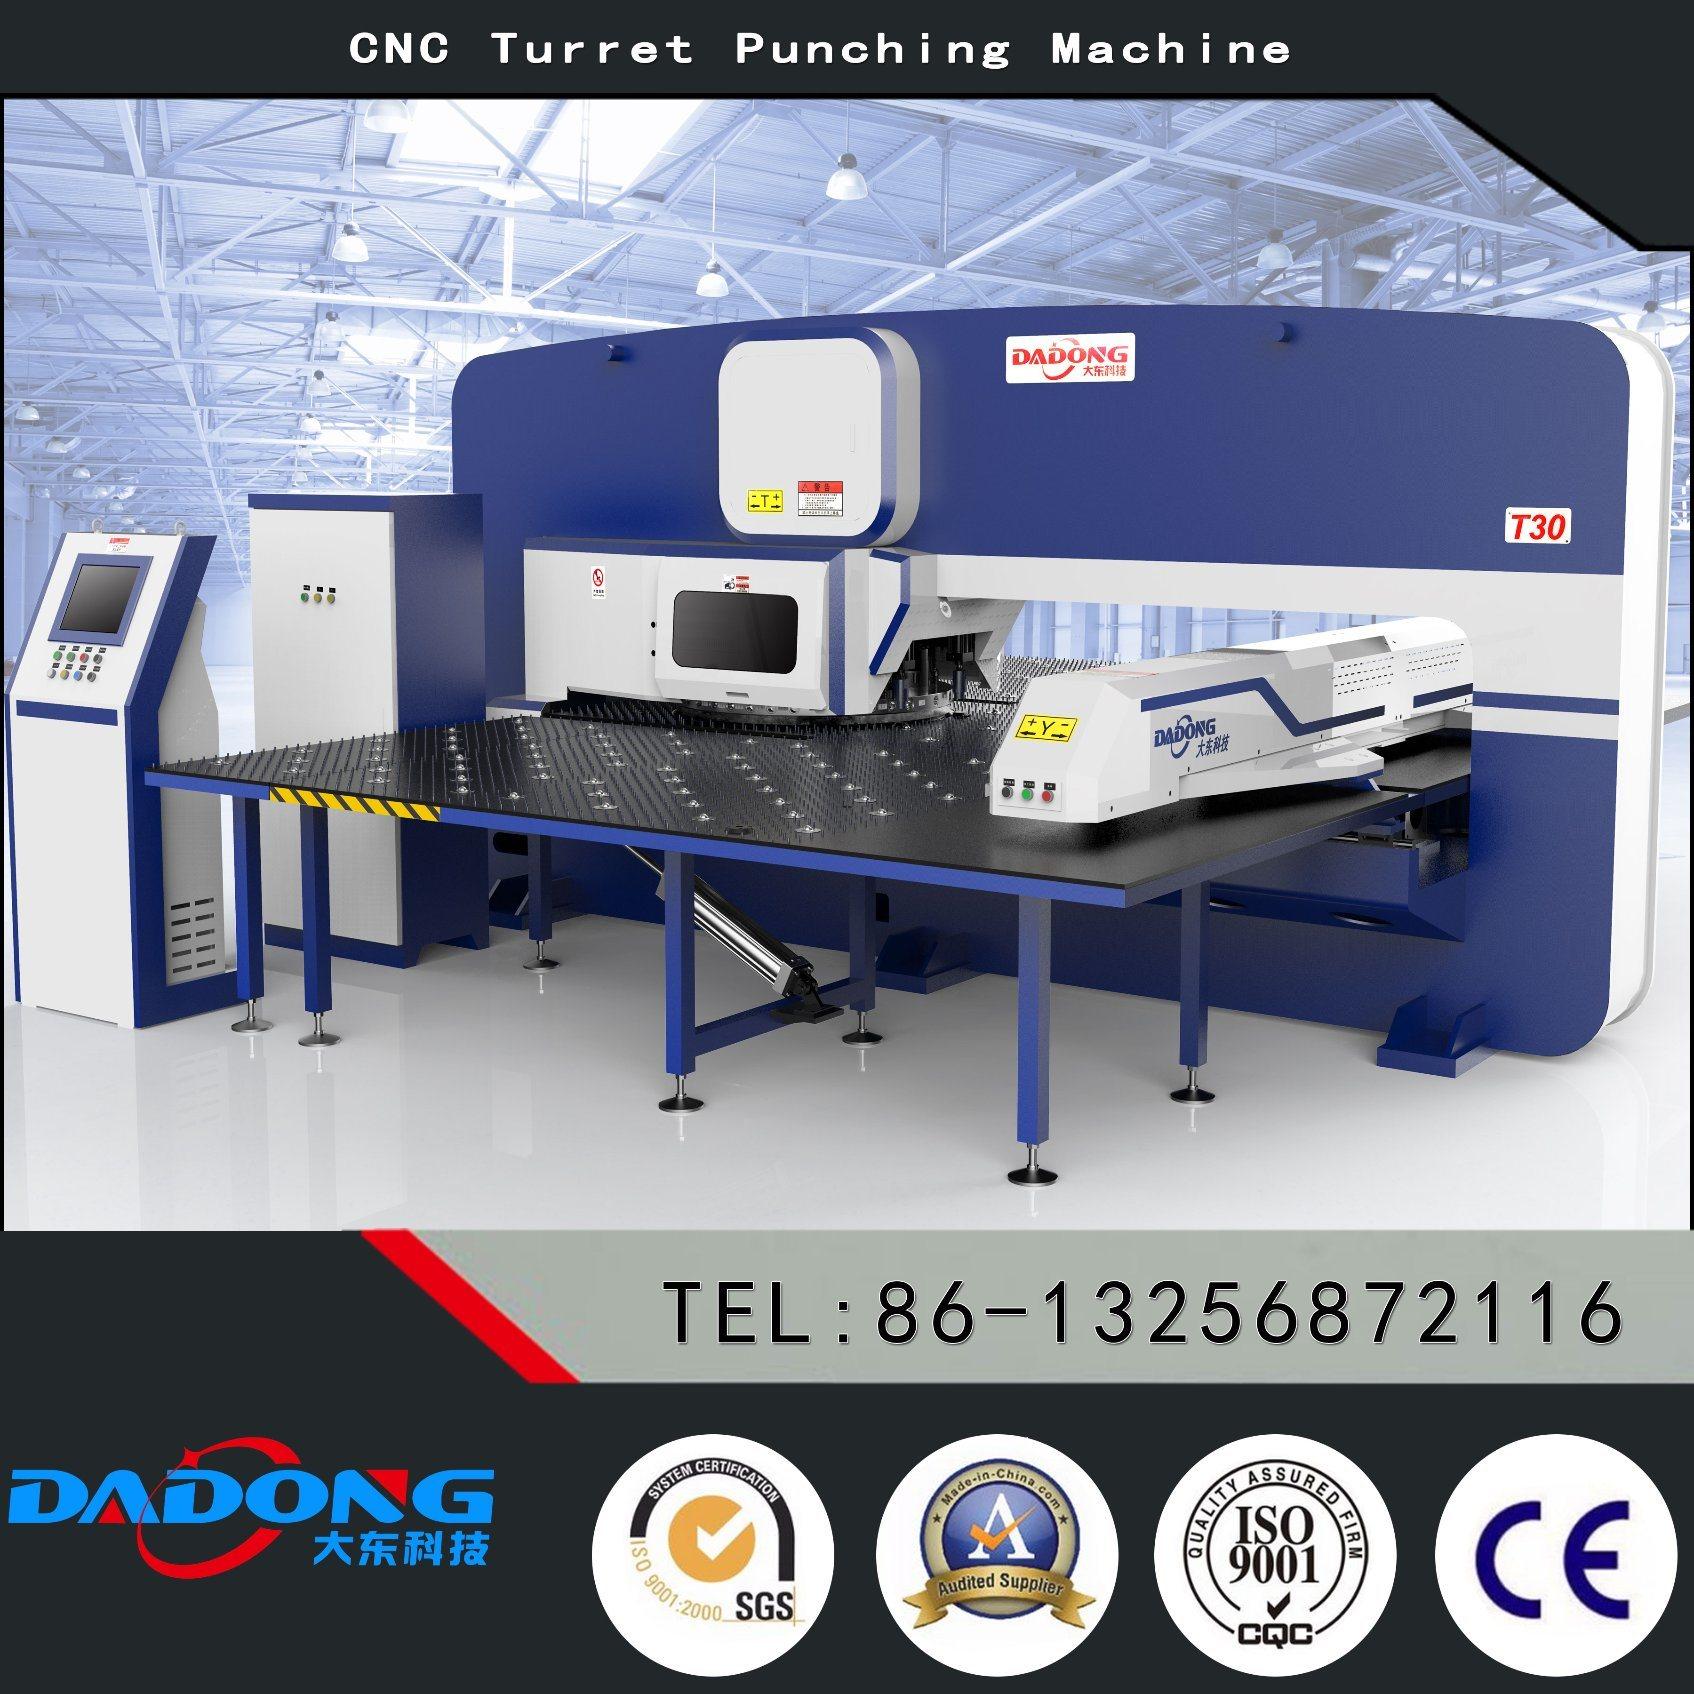 Dadong T30 CNC Turret Punch Press/Punching Machine/Stamping Machine for Punching Holes